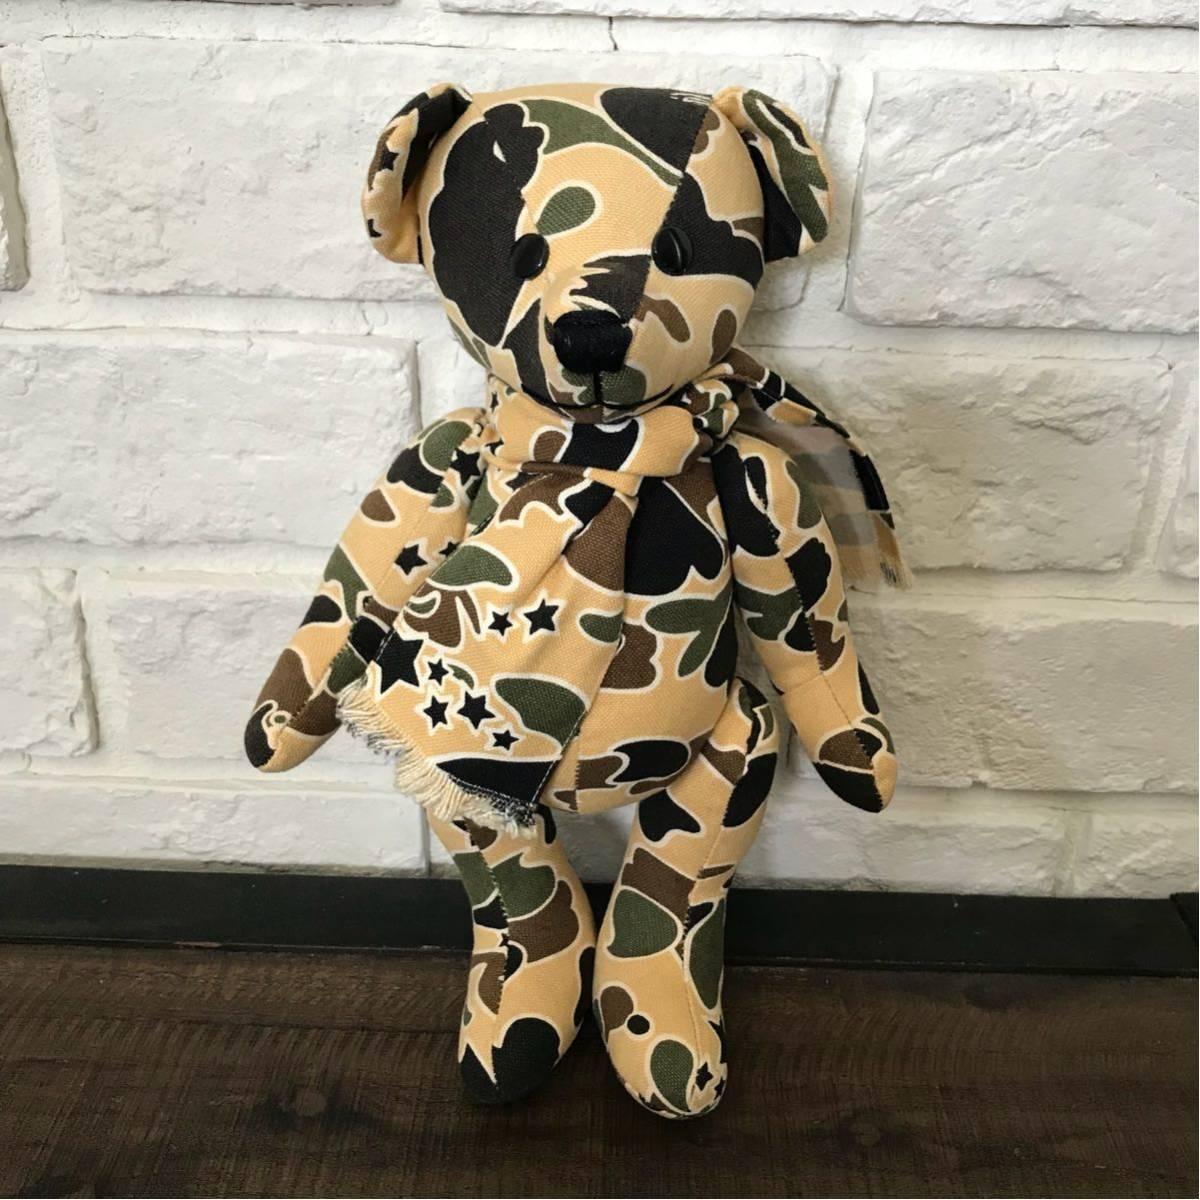 ★激レア★ sta camo Teddy bear a bathing ape BAPE サイケカモ psyche camo エイプ ベイプ nigo テディベア ぬいぐるみ